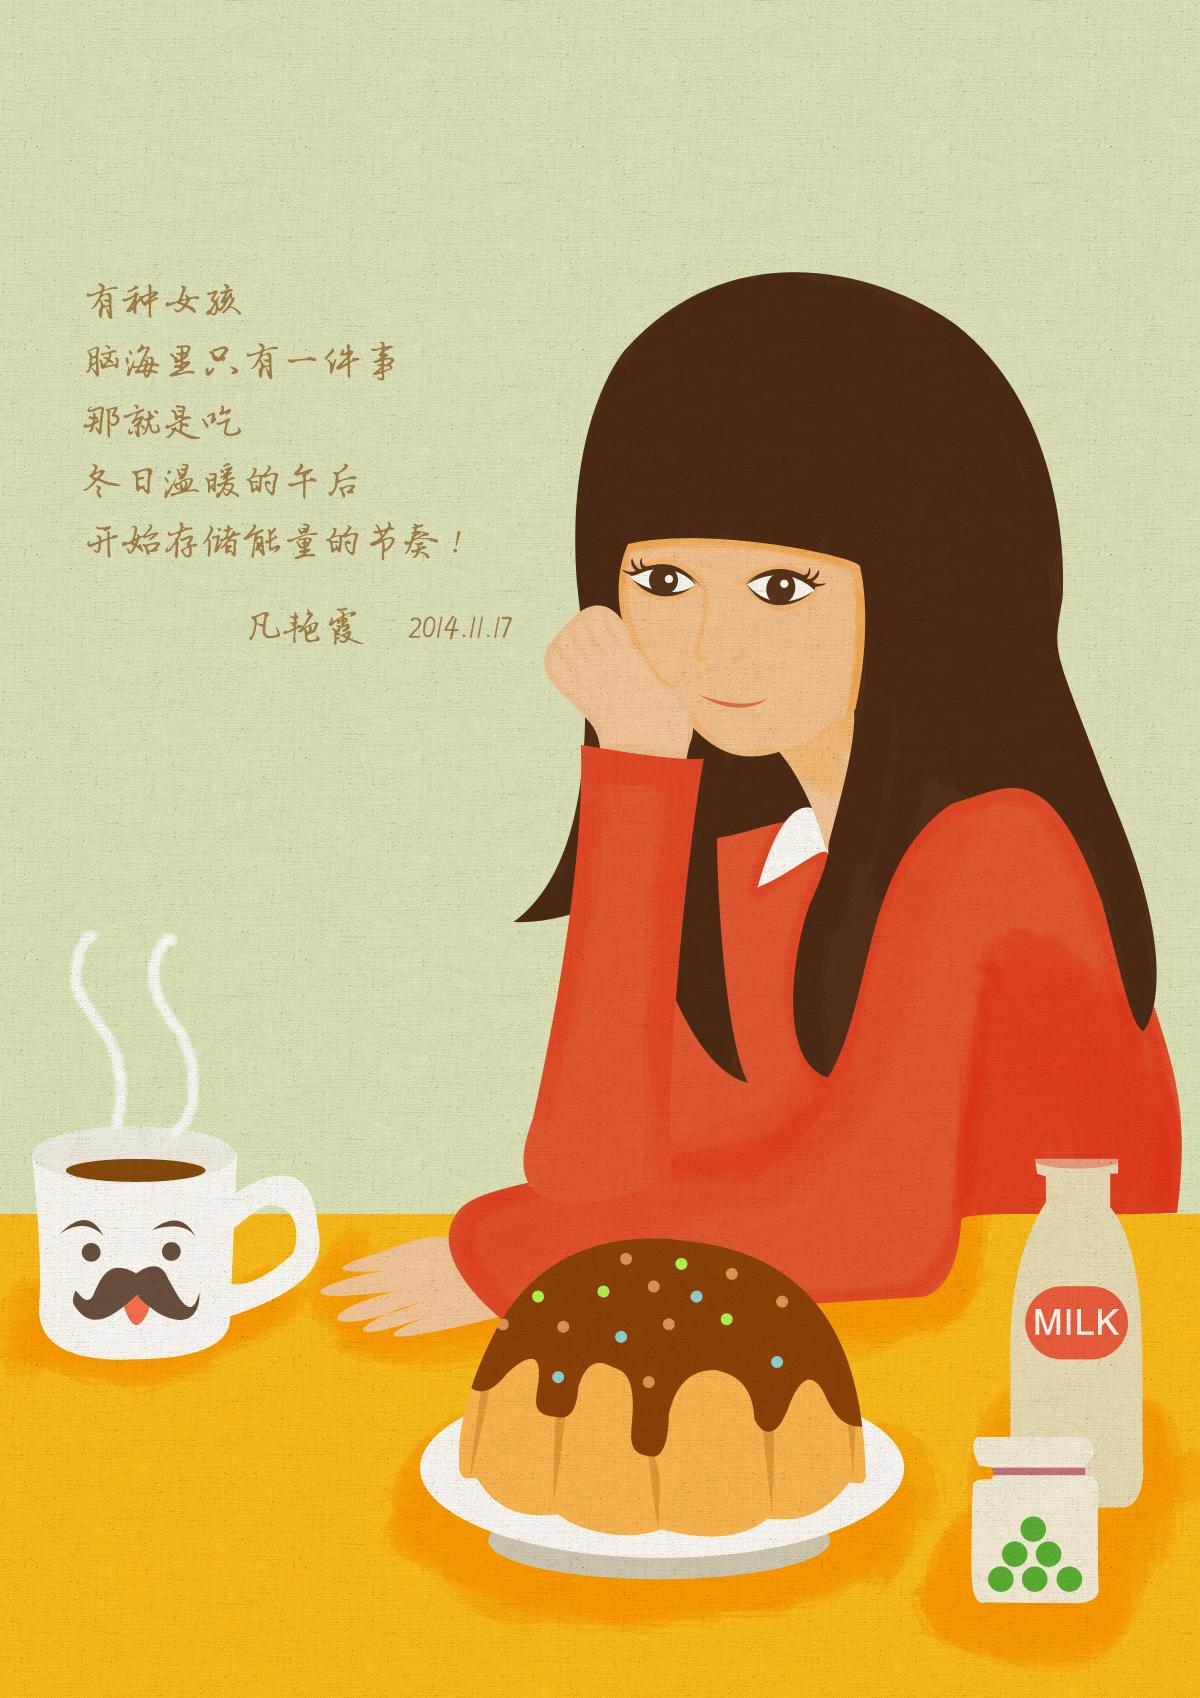 冬天最喜欢呆在家里,看书,喝奶茶发发呆,阳图片